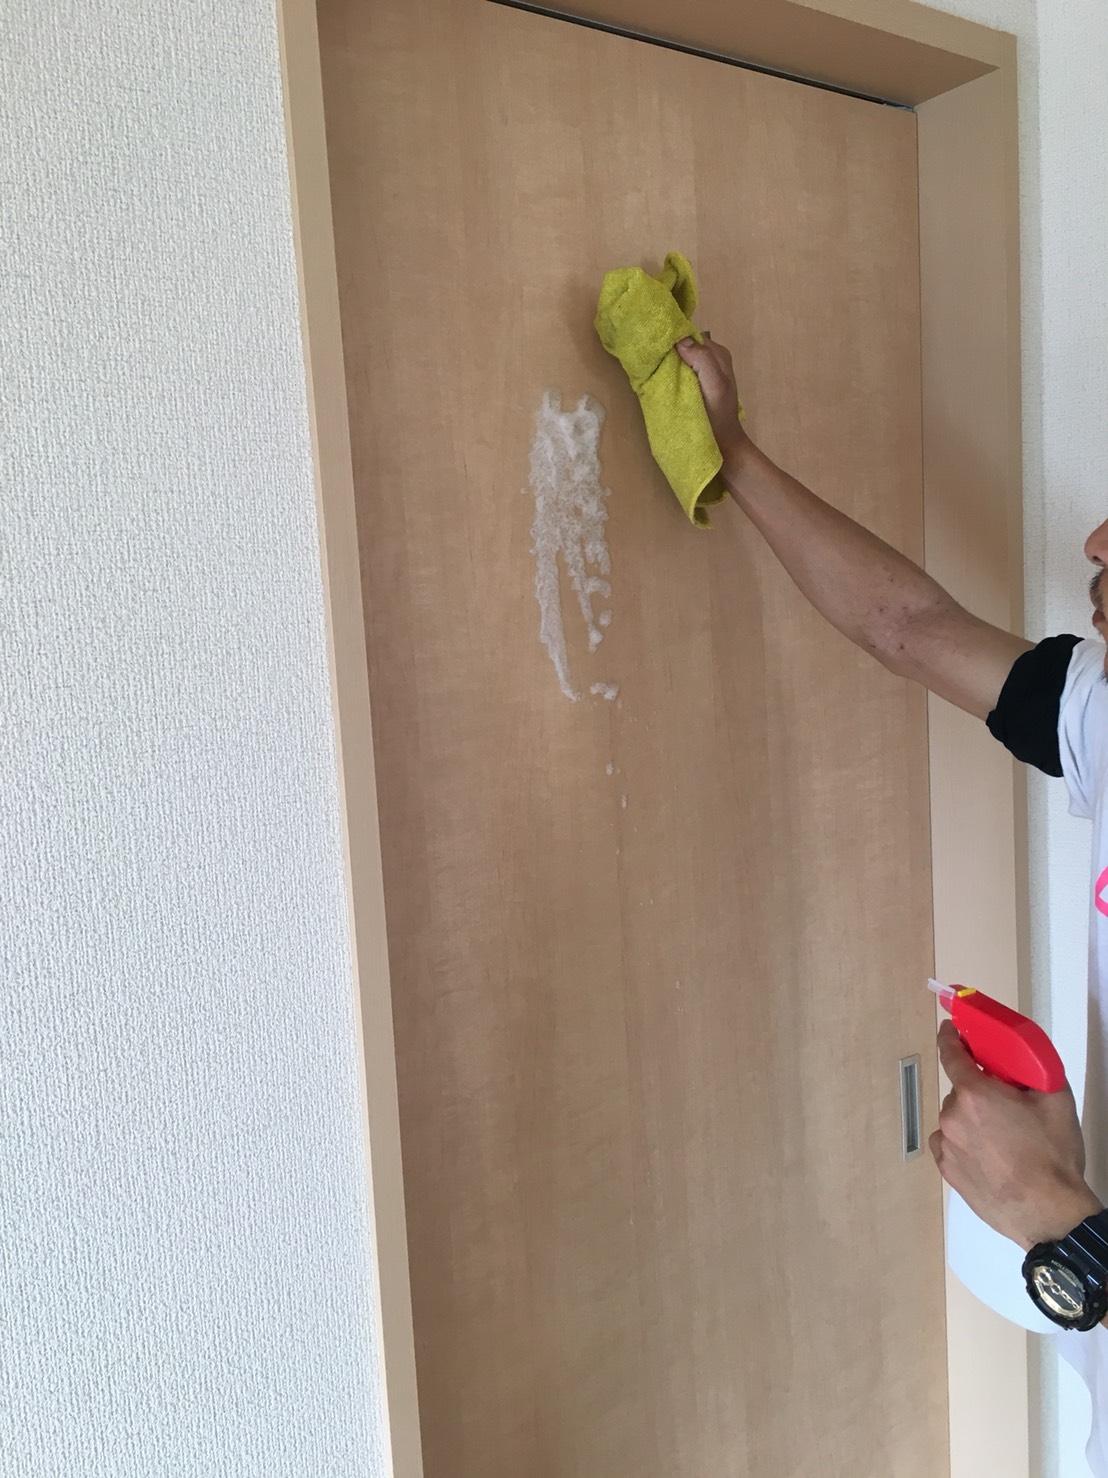 伊丹市 室内のドアの補修・お手入れはおそうじプラスにお任せ下さい!お見積り無料~兵庫県の伊丹市・宝塚市・川西市の地域密着ハウスクリーニング